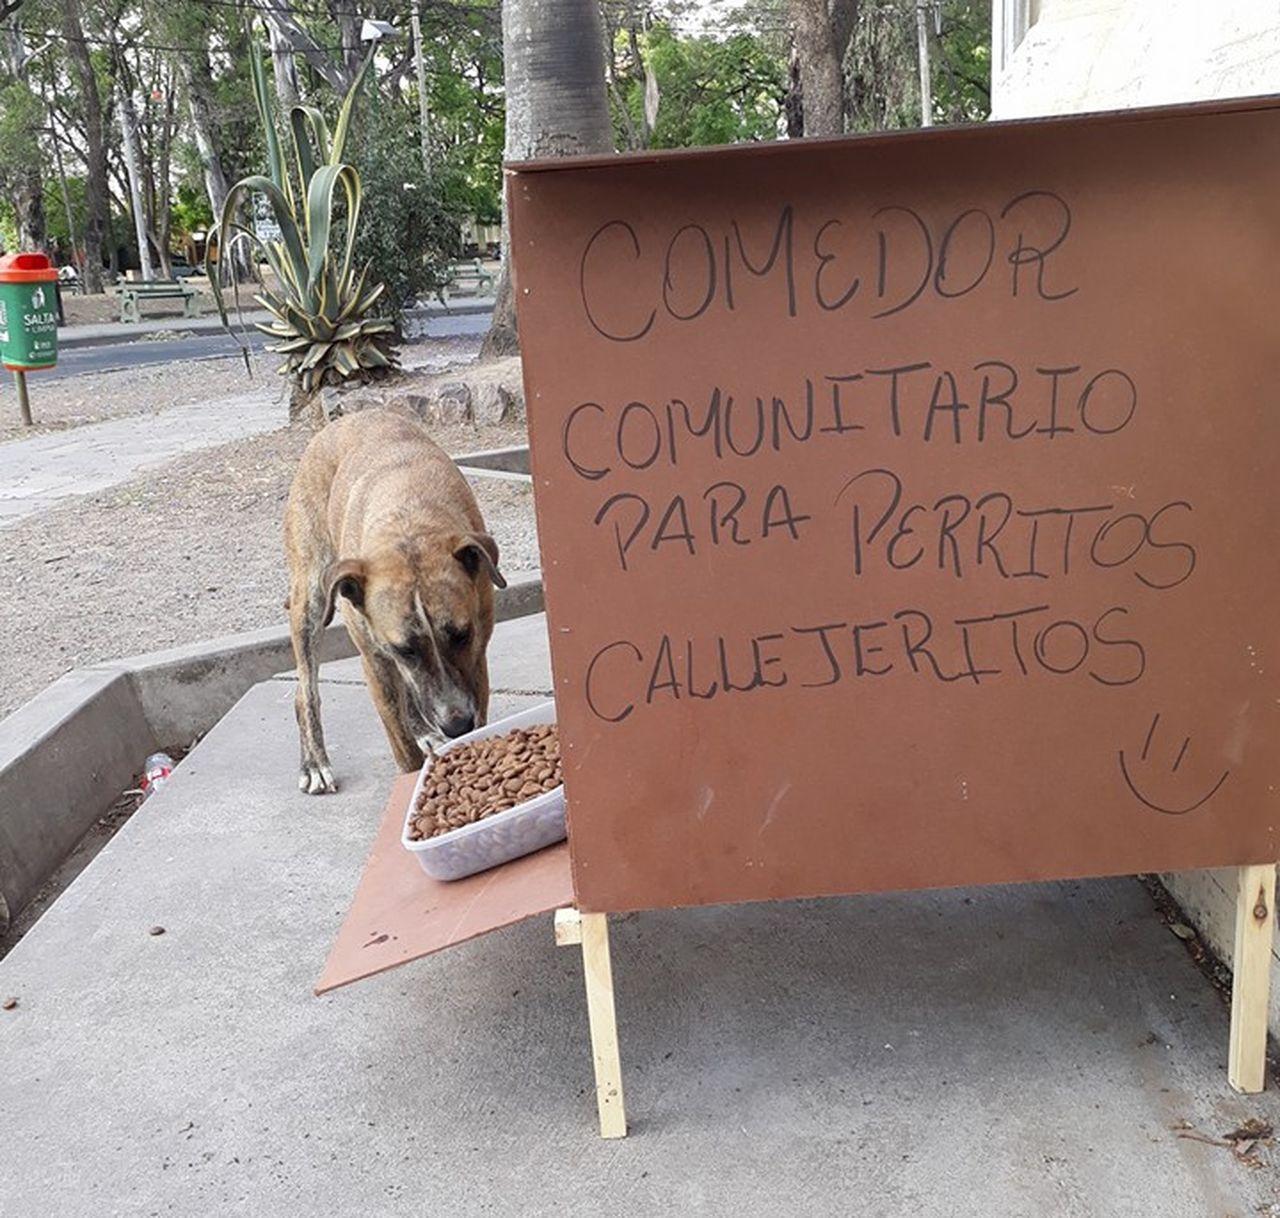 El comedor para perros callejeros contin a sumando buenas for Requisitos para abrir un comedor comunitario